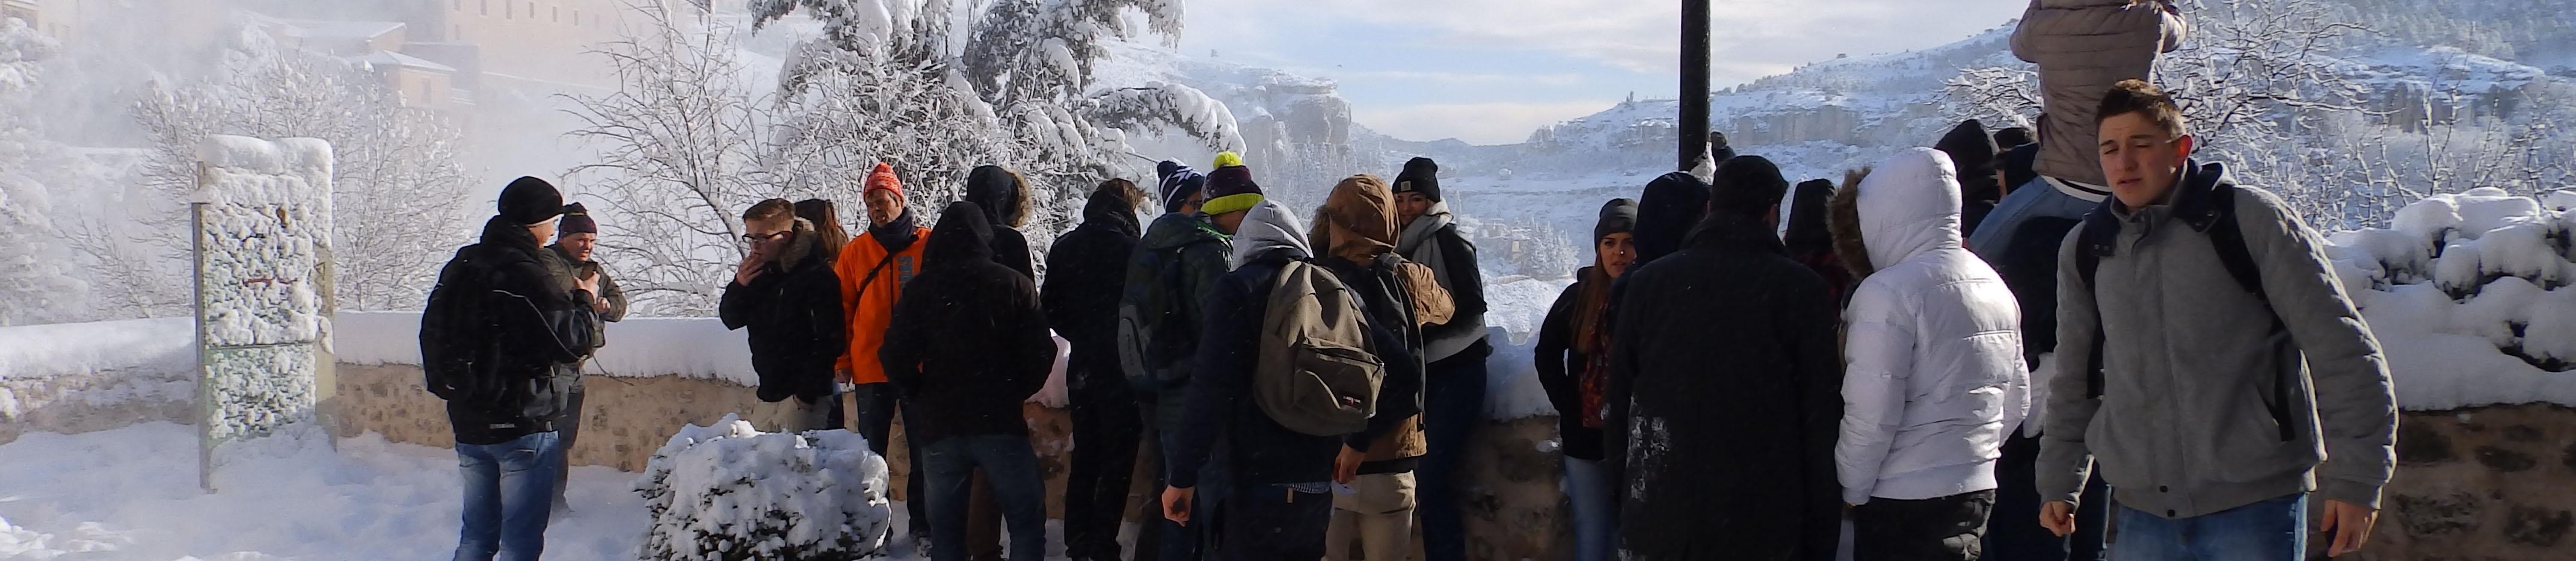 Cuenca nevada durante visita guiada